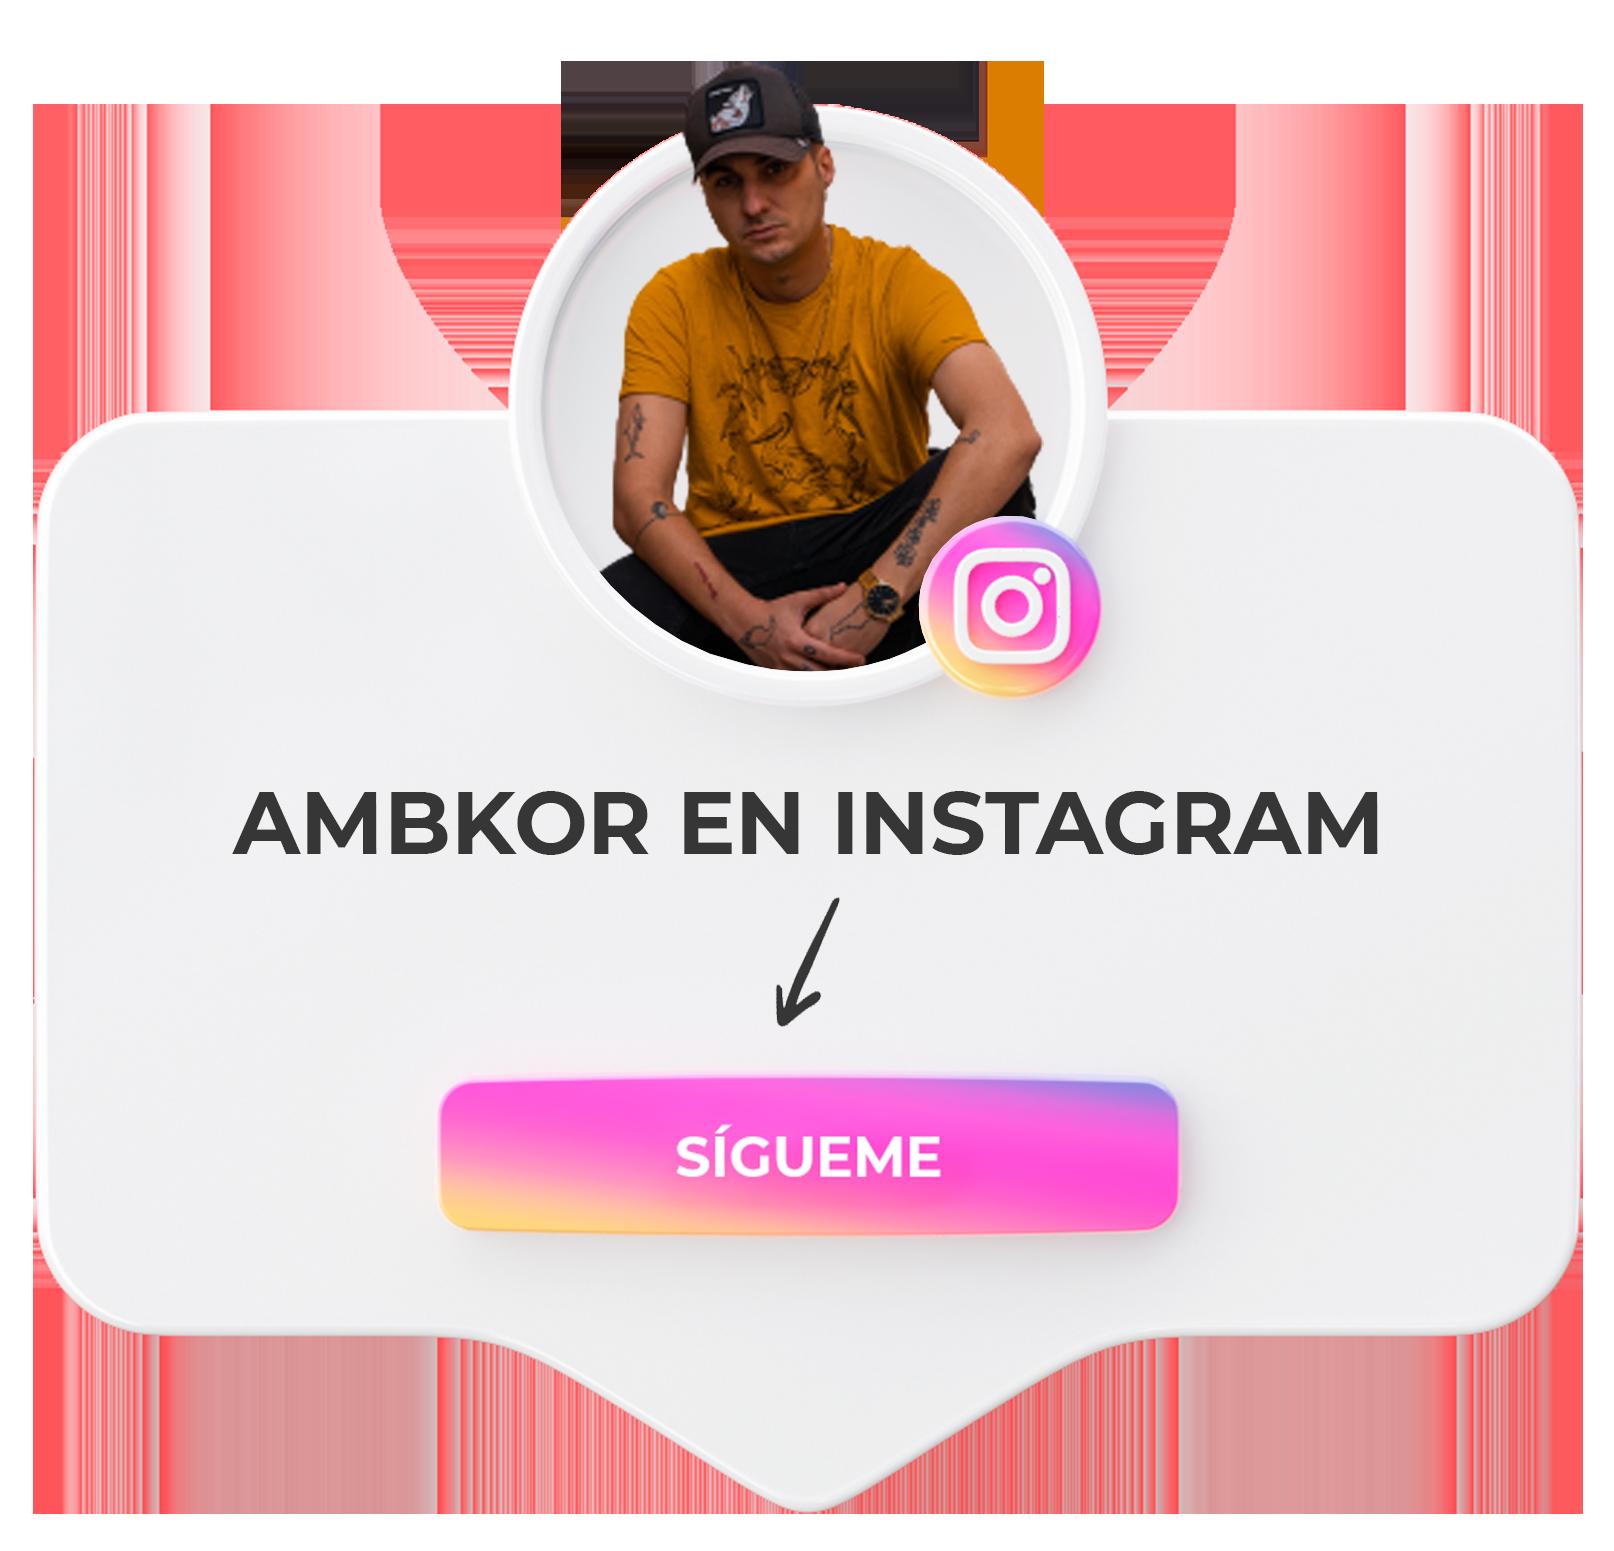 Ambkor en Instagram